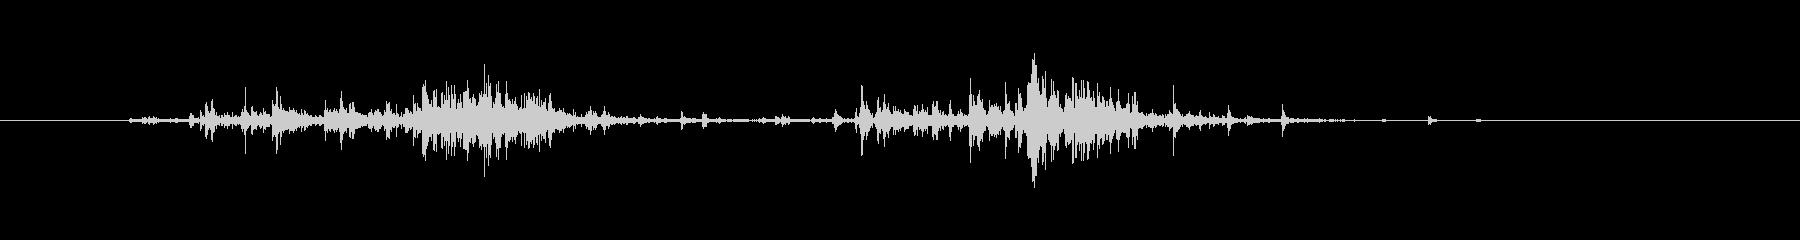 【生活音】サプリボトルふるカプセル01の未再生の波形